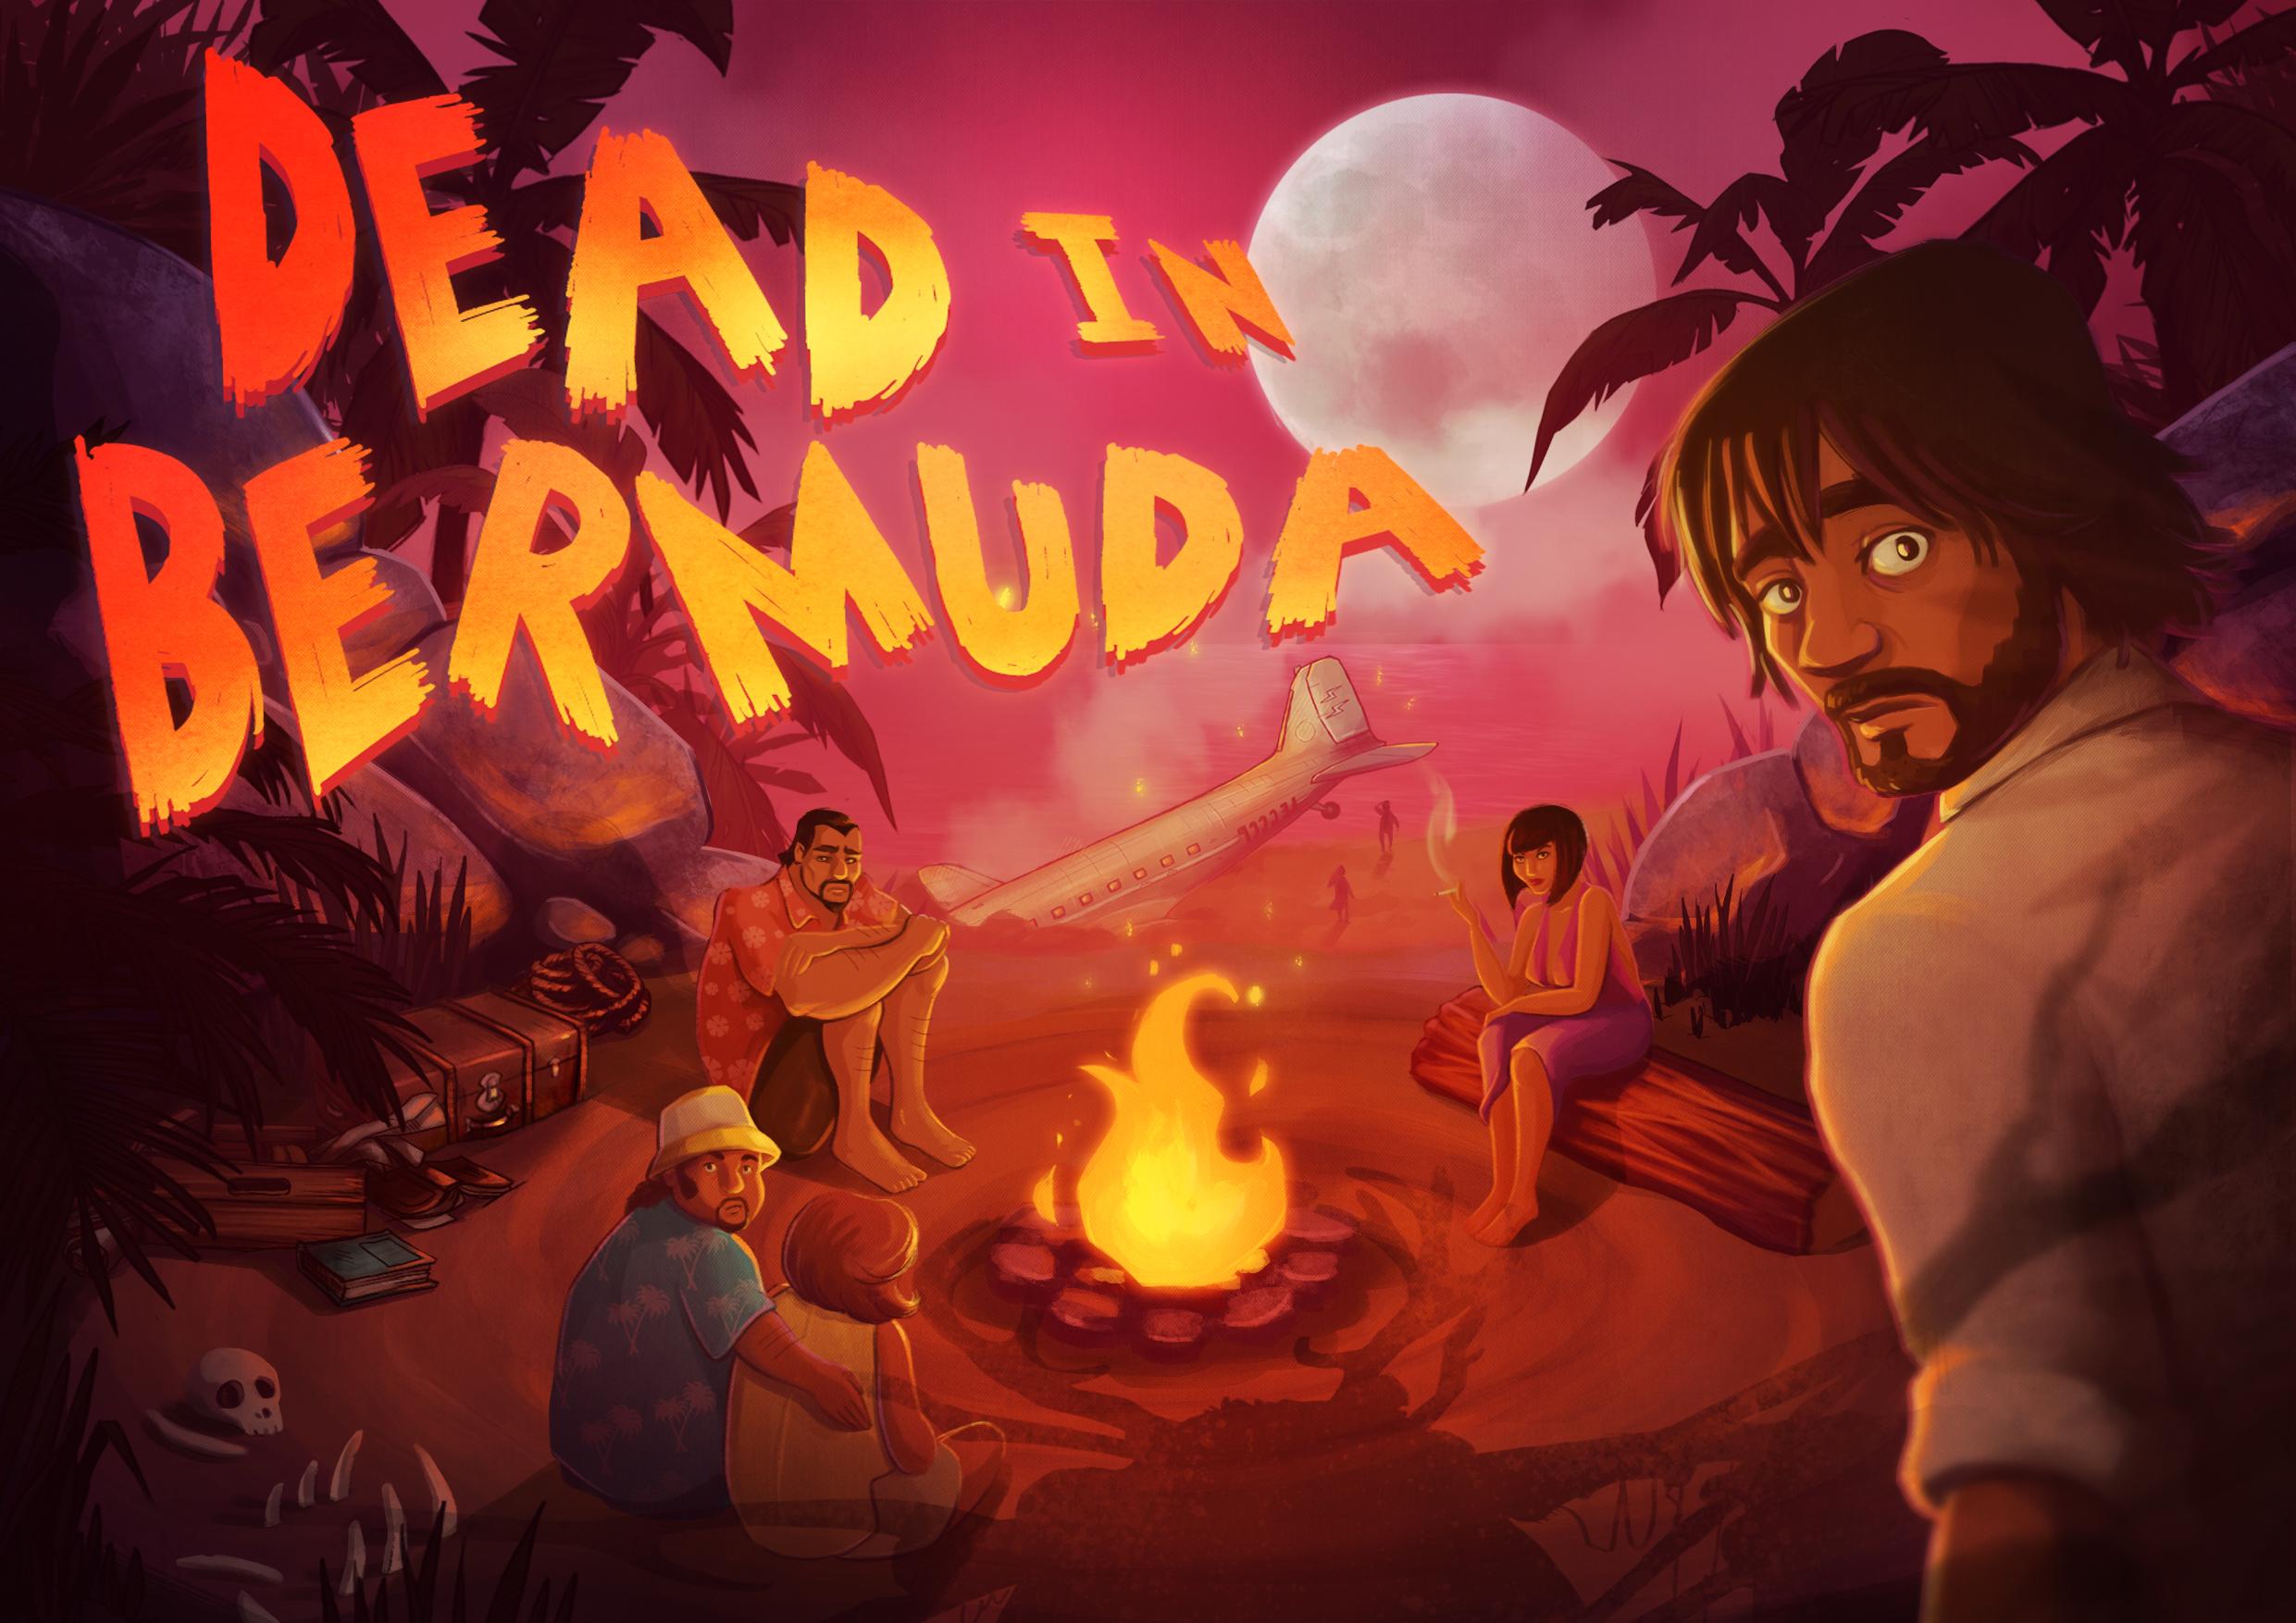 équipe TLS - Dead in Bermuda